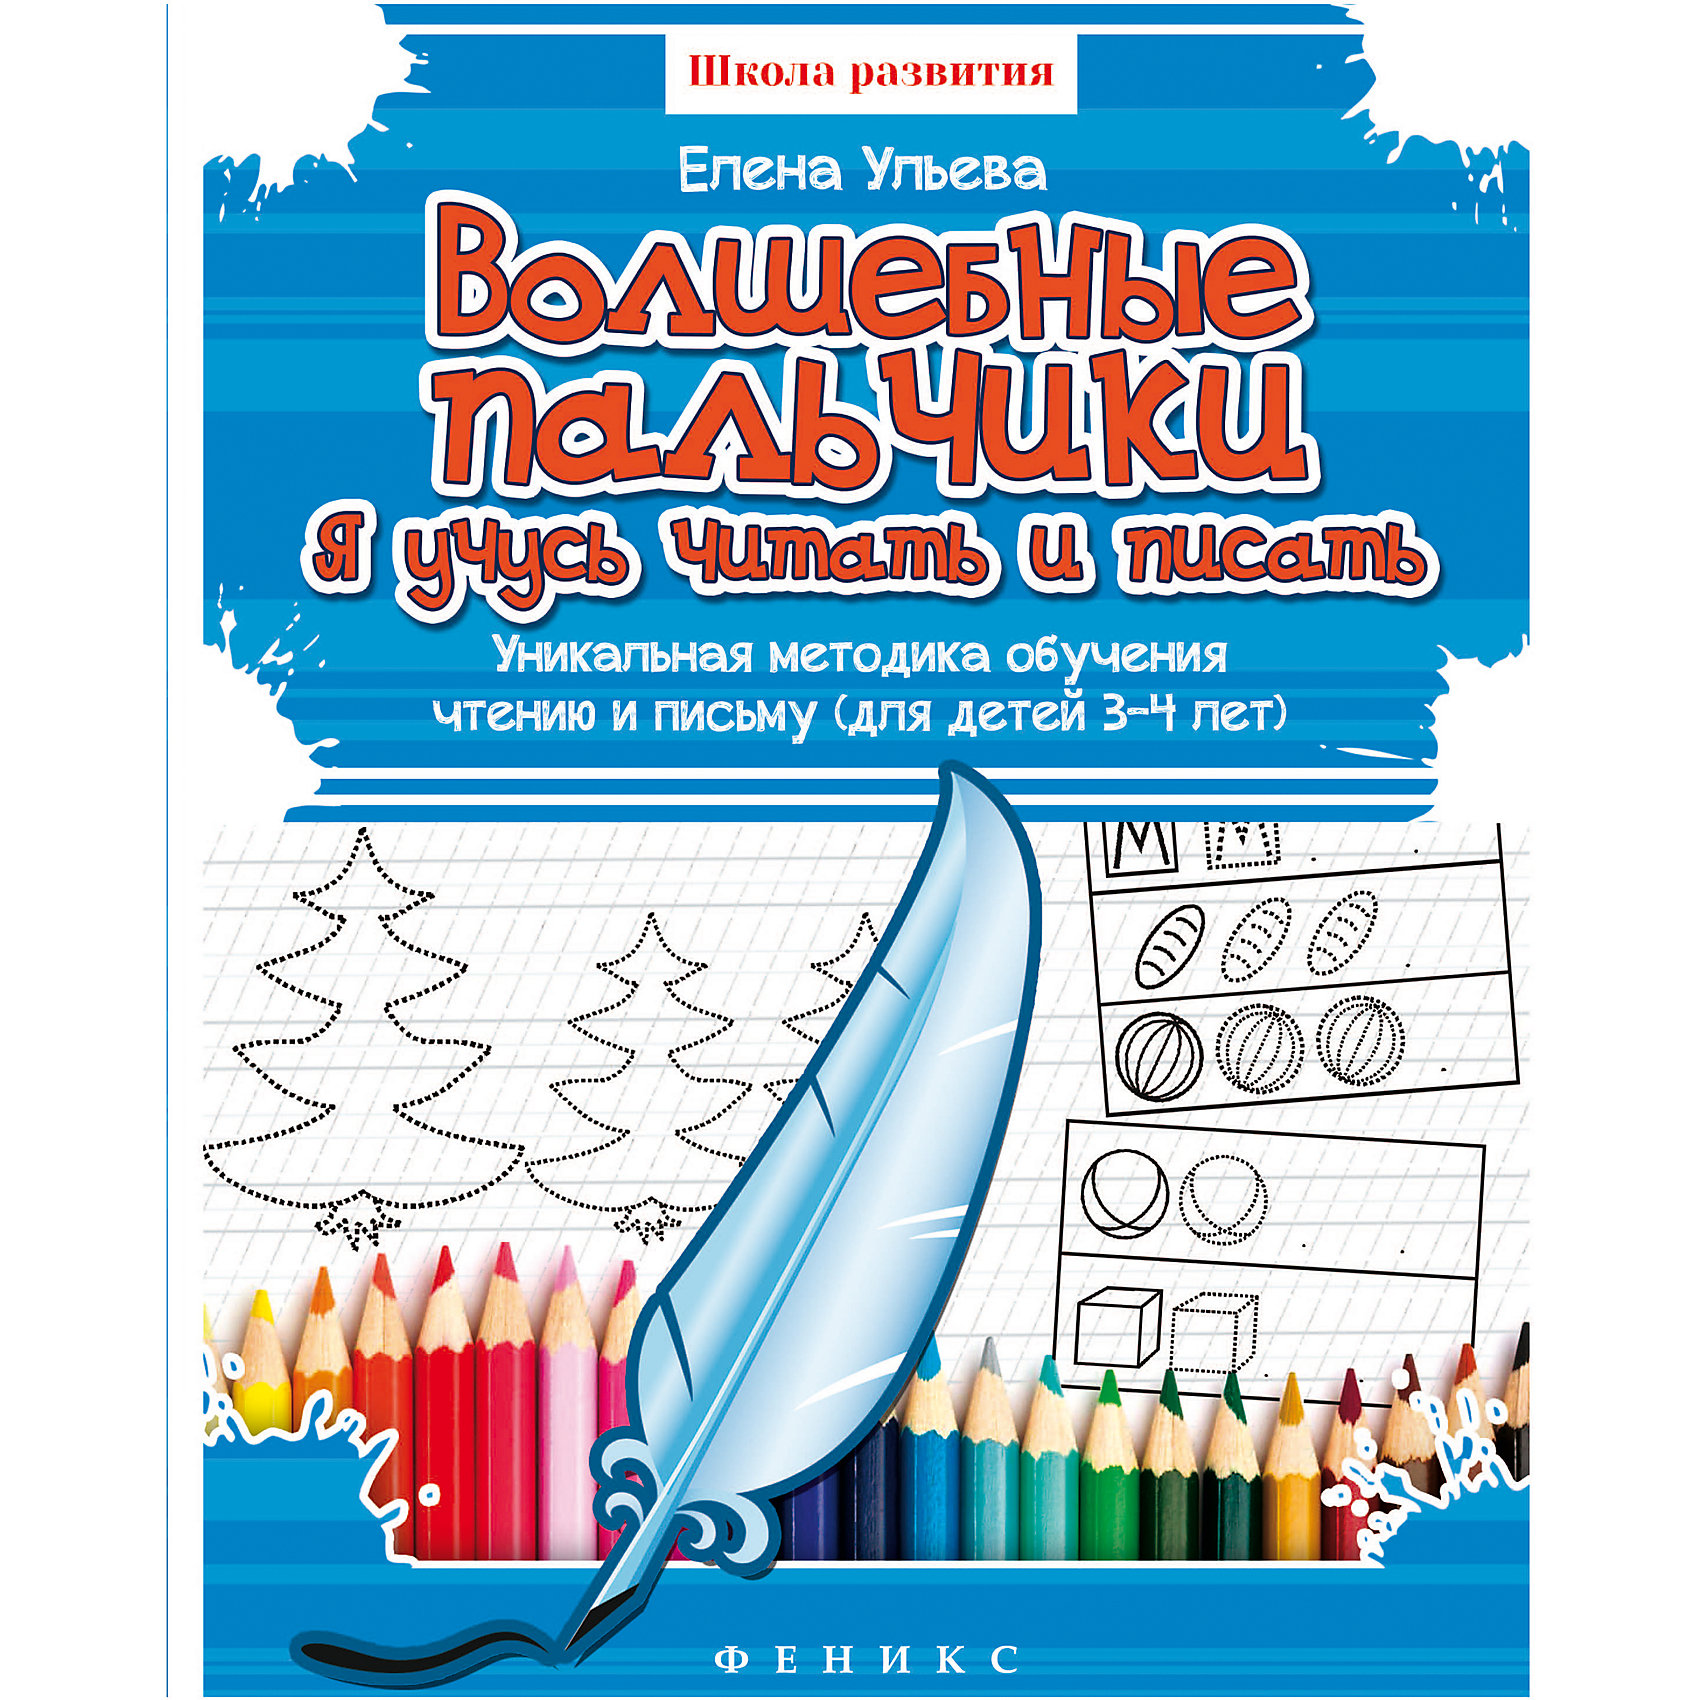 Книга Волшебные пальчики: я учусь читать и считатьОбучение счету<br>Характеристики товара:<br><br>• ISBN 9785222231623<br>• возраст от 3 лет<br>• формат 260х200 мм<br>• серия «Школа развития»<br>• издательство Феникс<br>• автор Ульева Елена<br>• переплет: мягкий<br>• количество страниц 88<br>• год выпуска 2015<br>• размер 26х20х0,5 см<br><br>Книга «Волшебные пальчики: я учусь читать и считать» содержит увлекательные задания для освоения навыков чтения и письма, обогащения словарного запаса, тренировки написания букв и цифр.<br><br>Книгу «Волшебные пальчики: я учусь читать и считать» можно приобрести в нашем интернет-магазине.<br><br>Ширина мм: 50<br>Глубина мм: 196<br>Высота мм: 258<br>Вес г: 184<br>Возраст от месяцев: -2147483648<br>Возраст до месяцев: 2147483647<br>Пол: Унисекс<br>Возраст: Детский<br>SKU: 5500990